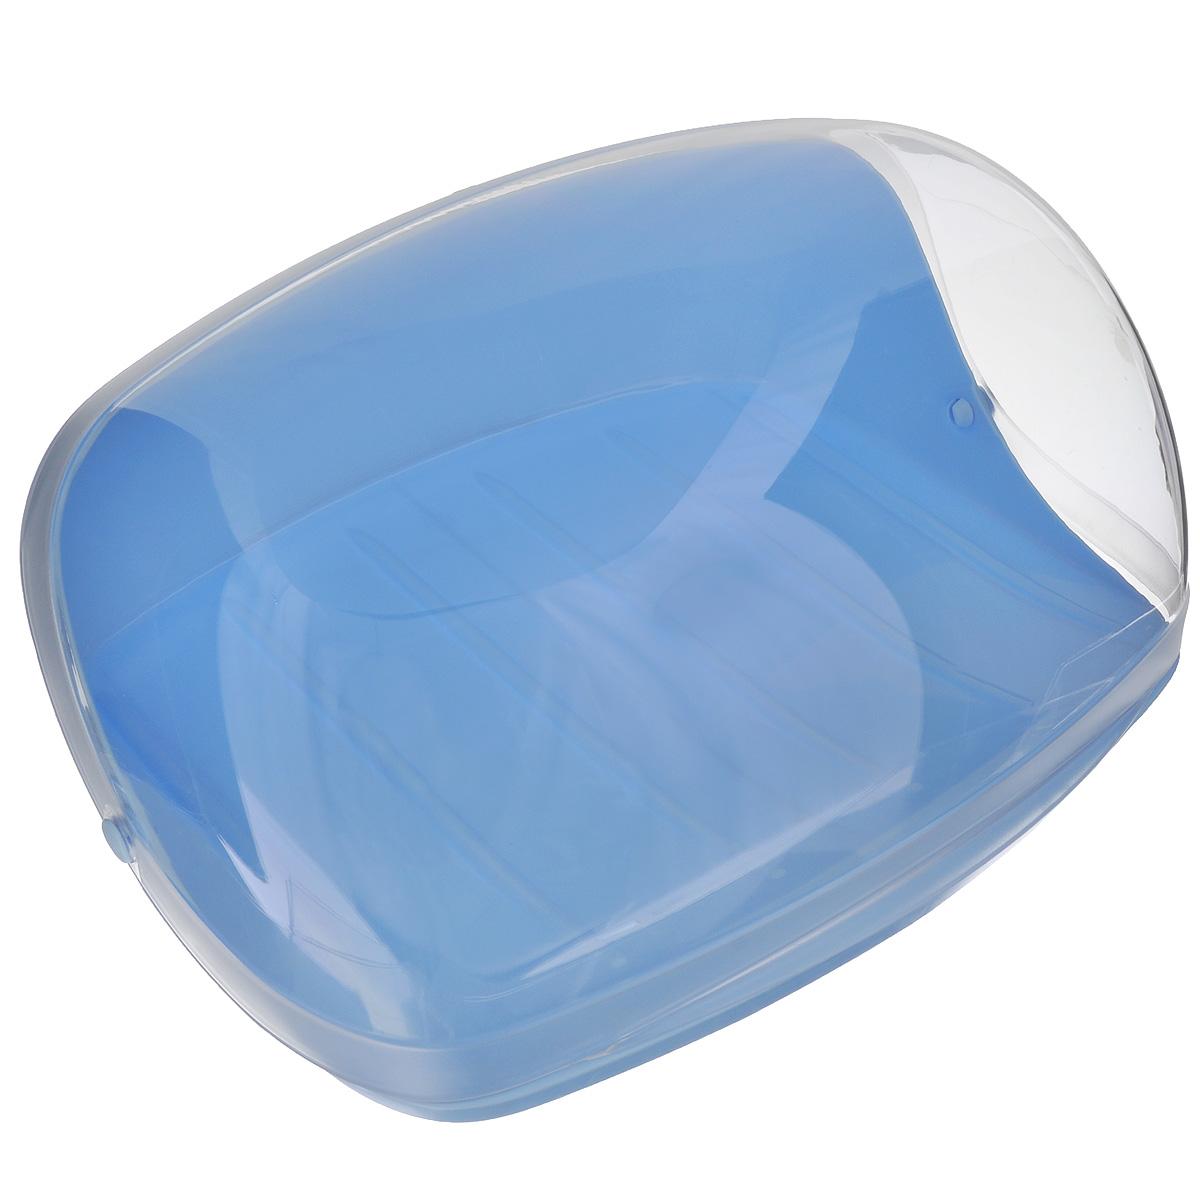 Хлебница Idea, цвет: голубой, прозрачный, 31 см х 24,5 см х 14 смМ 1180Хлебница Idea, изготовленная из пищевого пластика, обеспечивает идеальные условия хранения для различных видов хлебобулочных изделий, надолго сохраняя их свежесть. Изделие оснащено плотно закрывающейся крышкой, защищая продукты от воздействия внешних факторов (запахов и влаги). Вместительность, функциональность и стильный дизайн позволят хлебнице стать не только незаменимым аксессуаром на кухне, но и предметом украшения интерьера. В ней хлеб всегда останется свежим и вкусным.